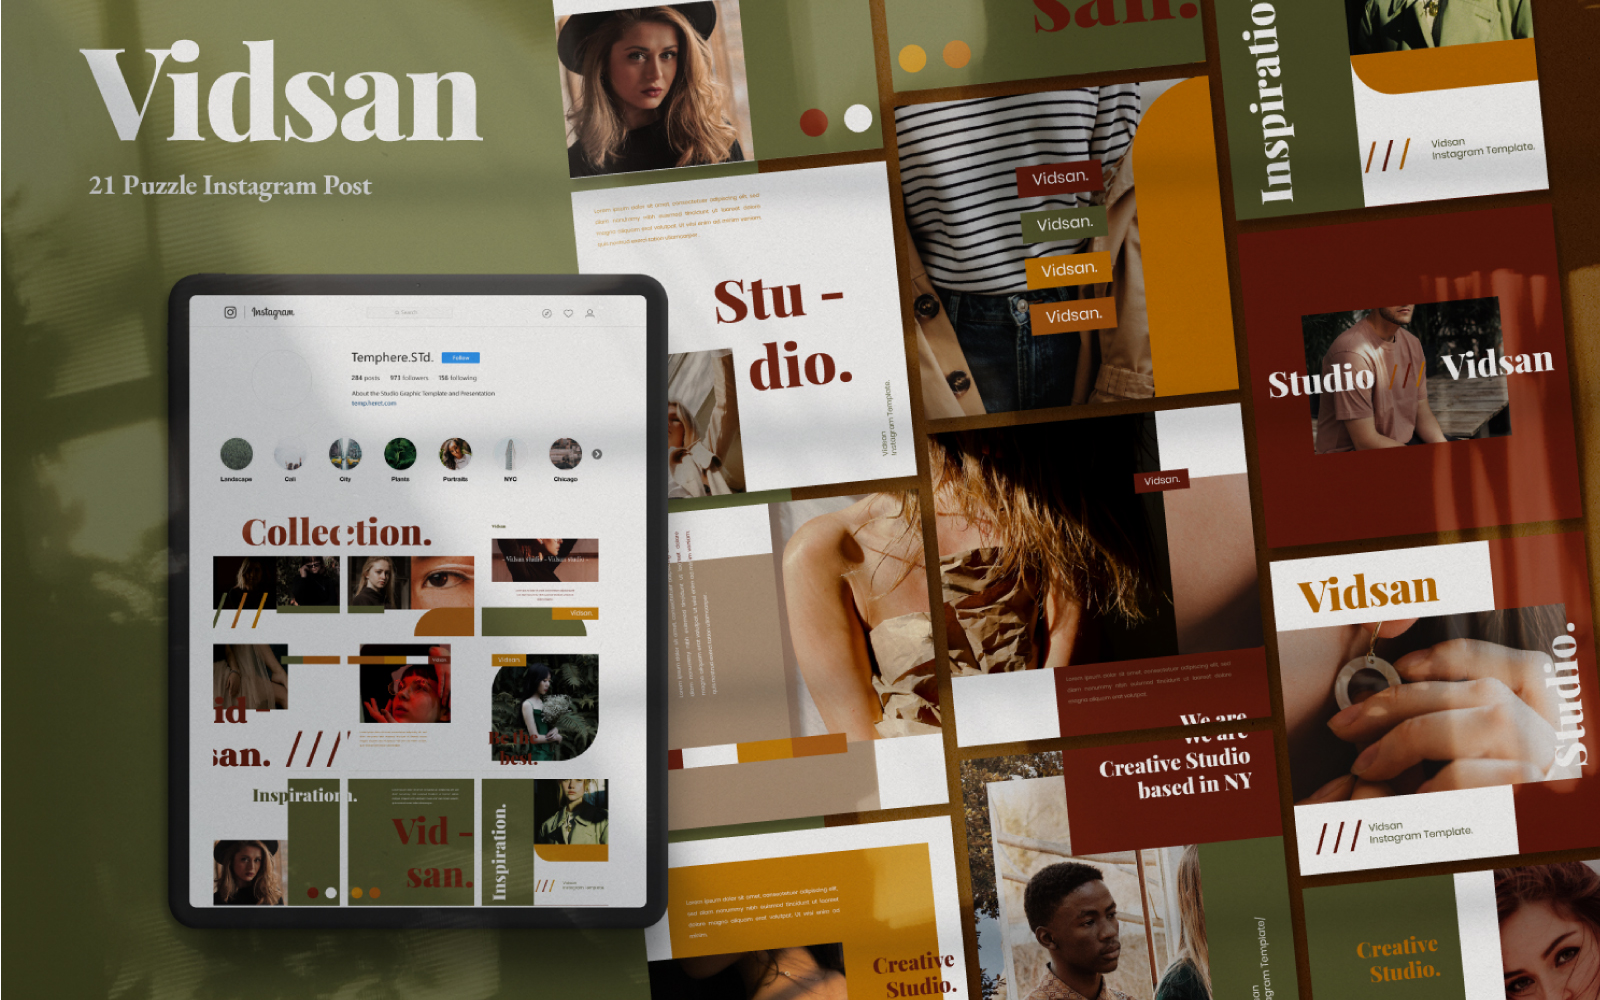 Media społecznościowe Vidsan Puzzle Brand #101401